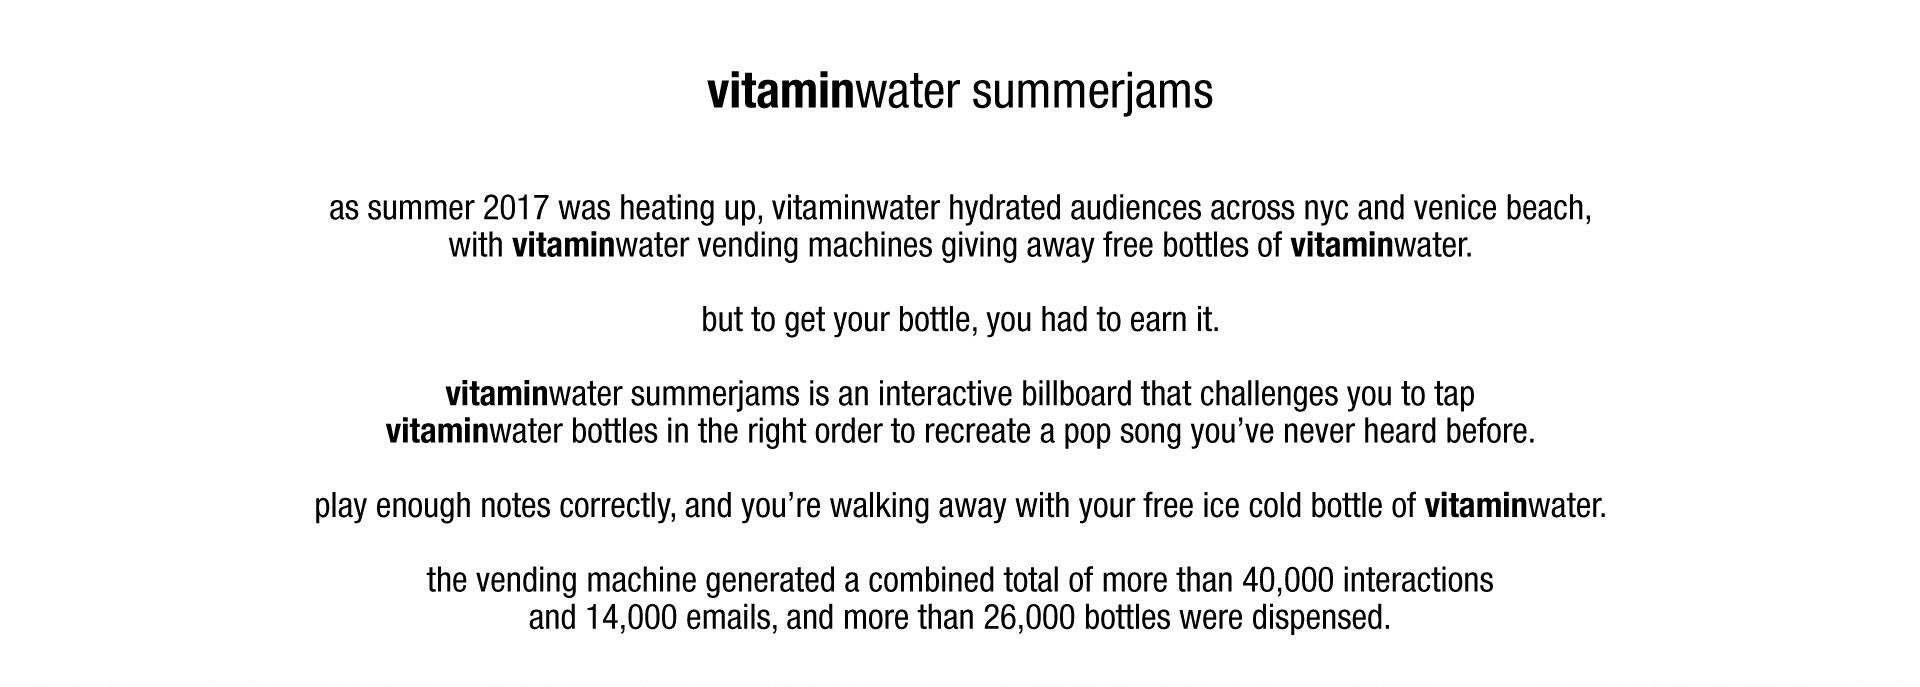 case_vitaminwater_summerjams3_01.jpg